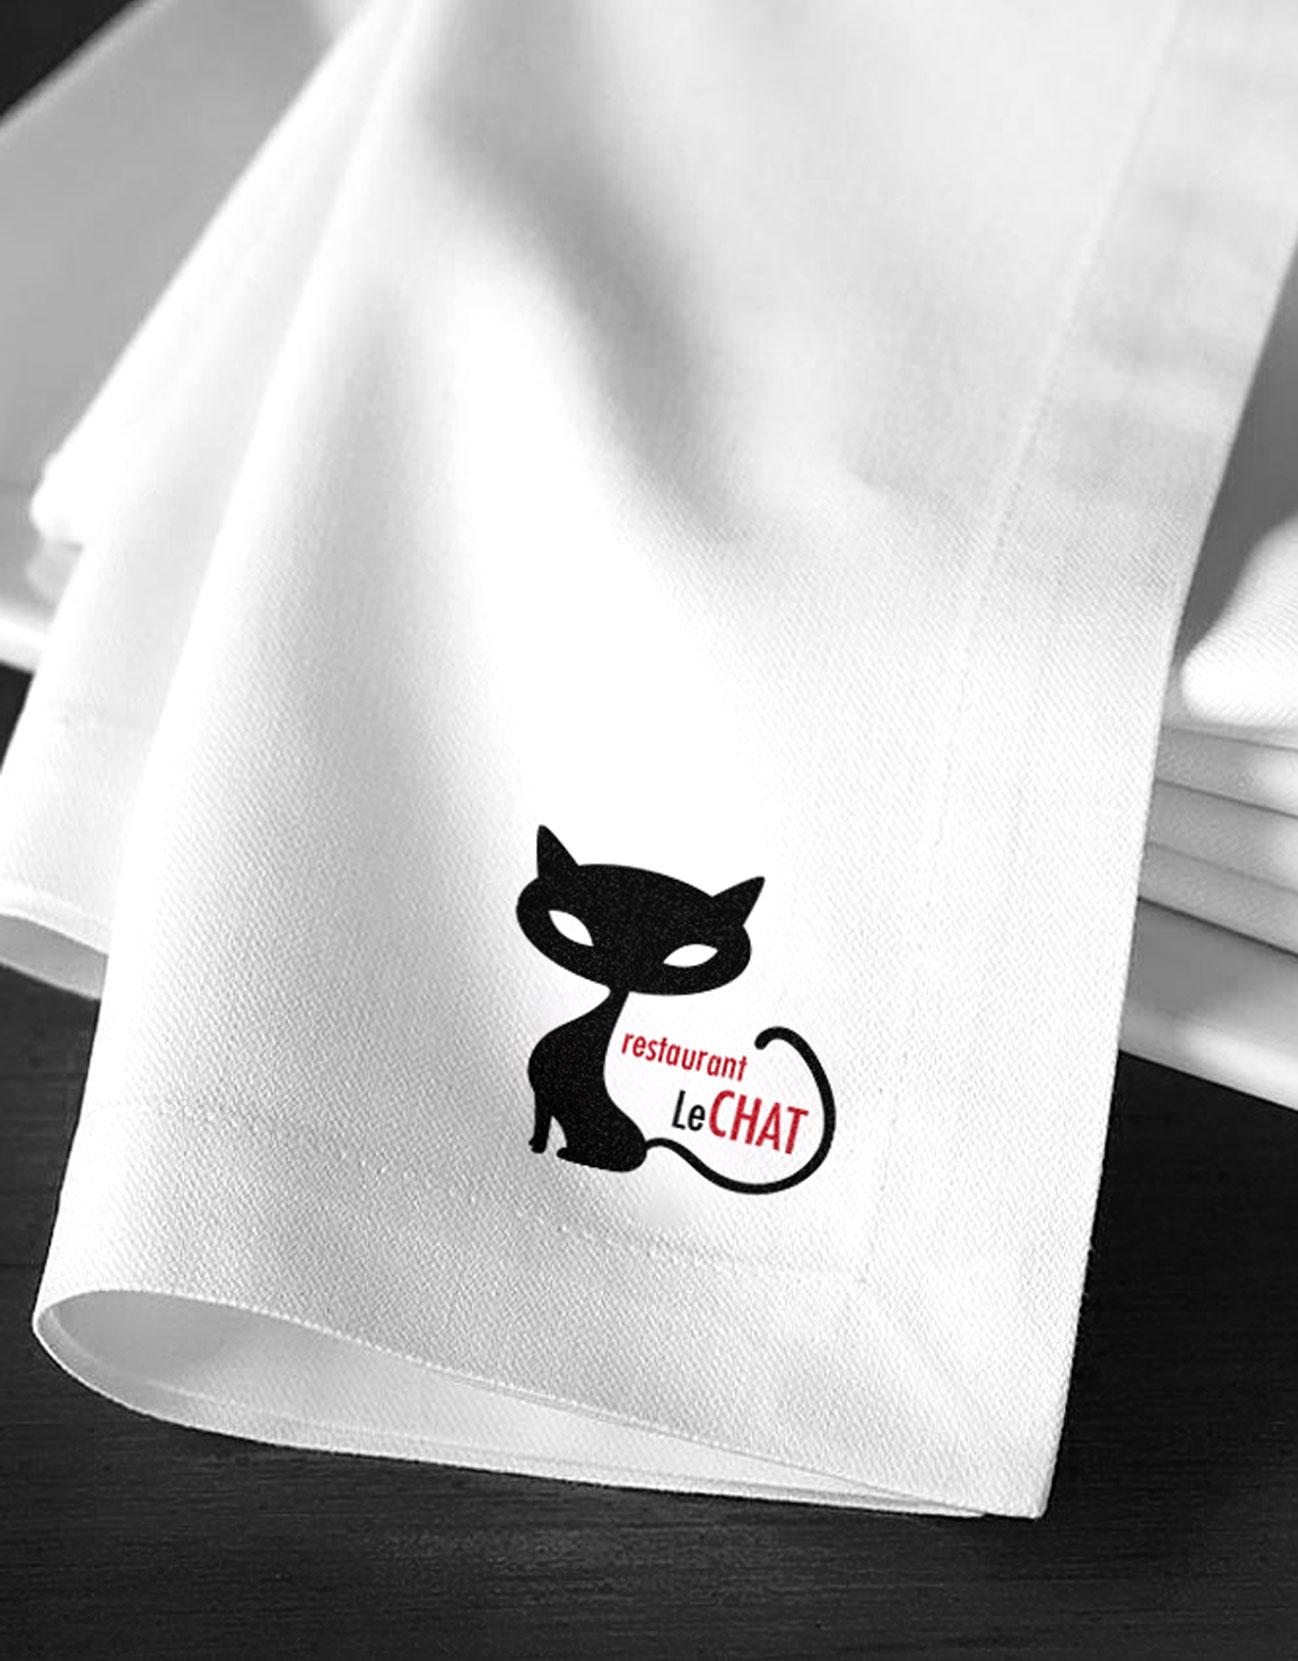 Logo sur serviette pour le restaurant Le Chat